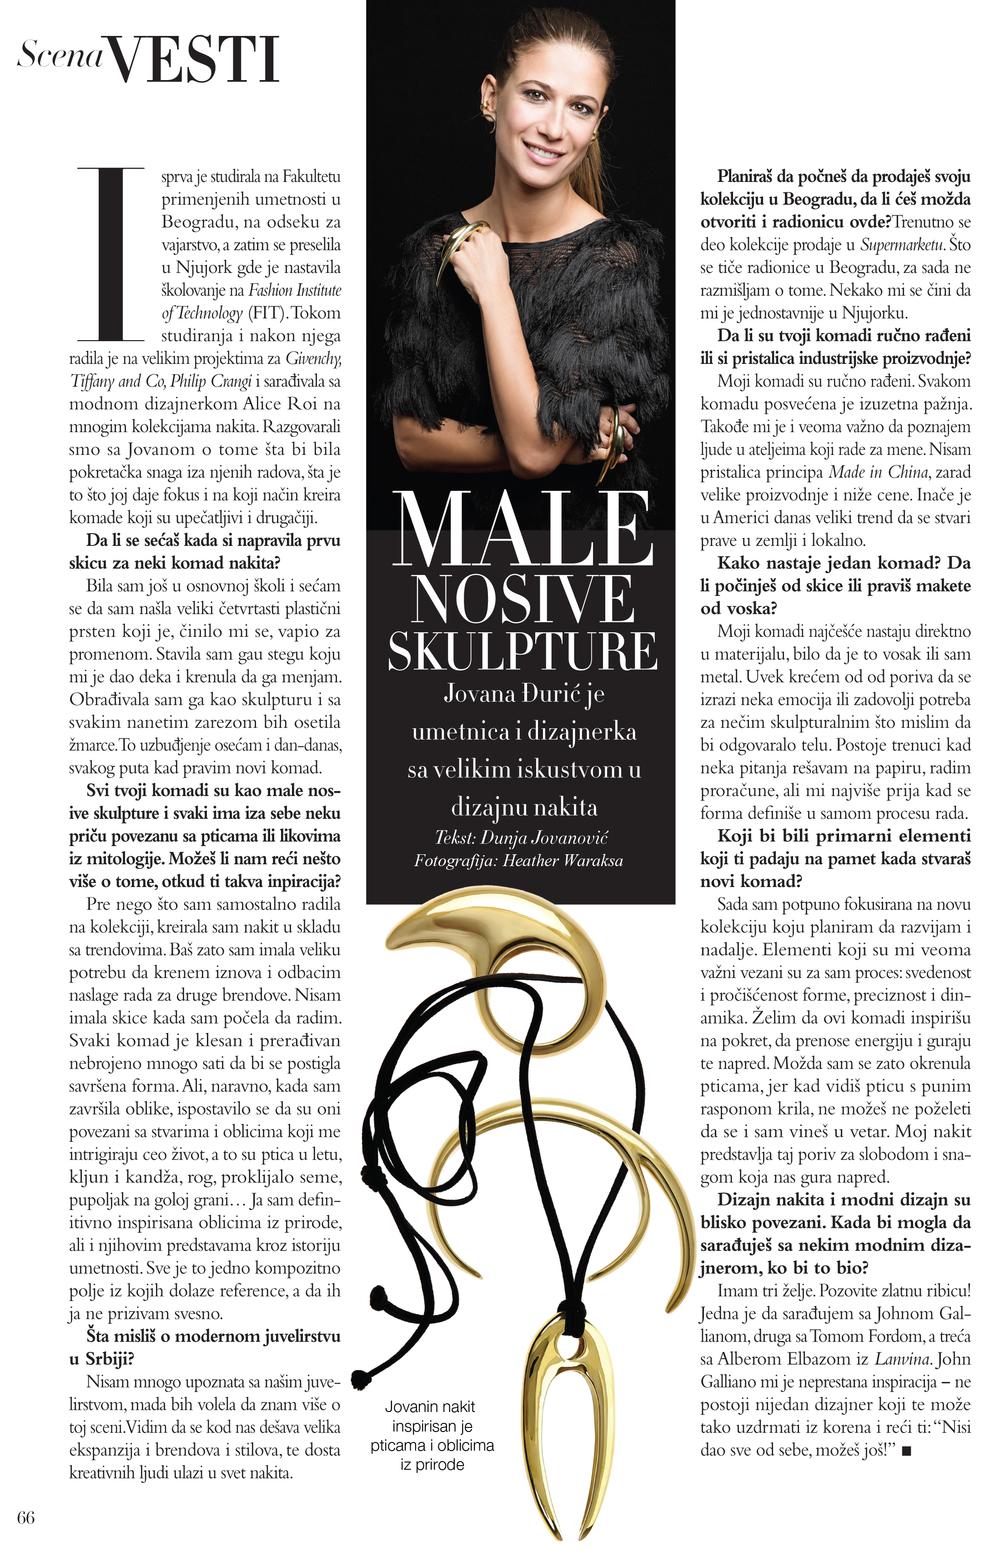 Harpers Bazaar Jovana Djuric.jpg